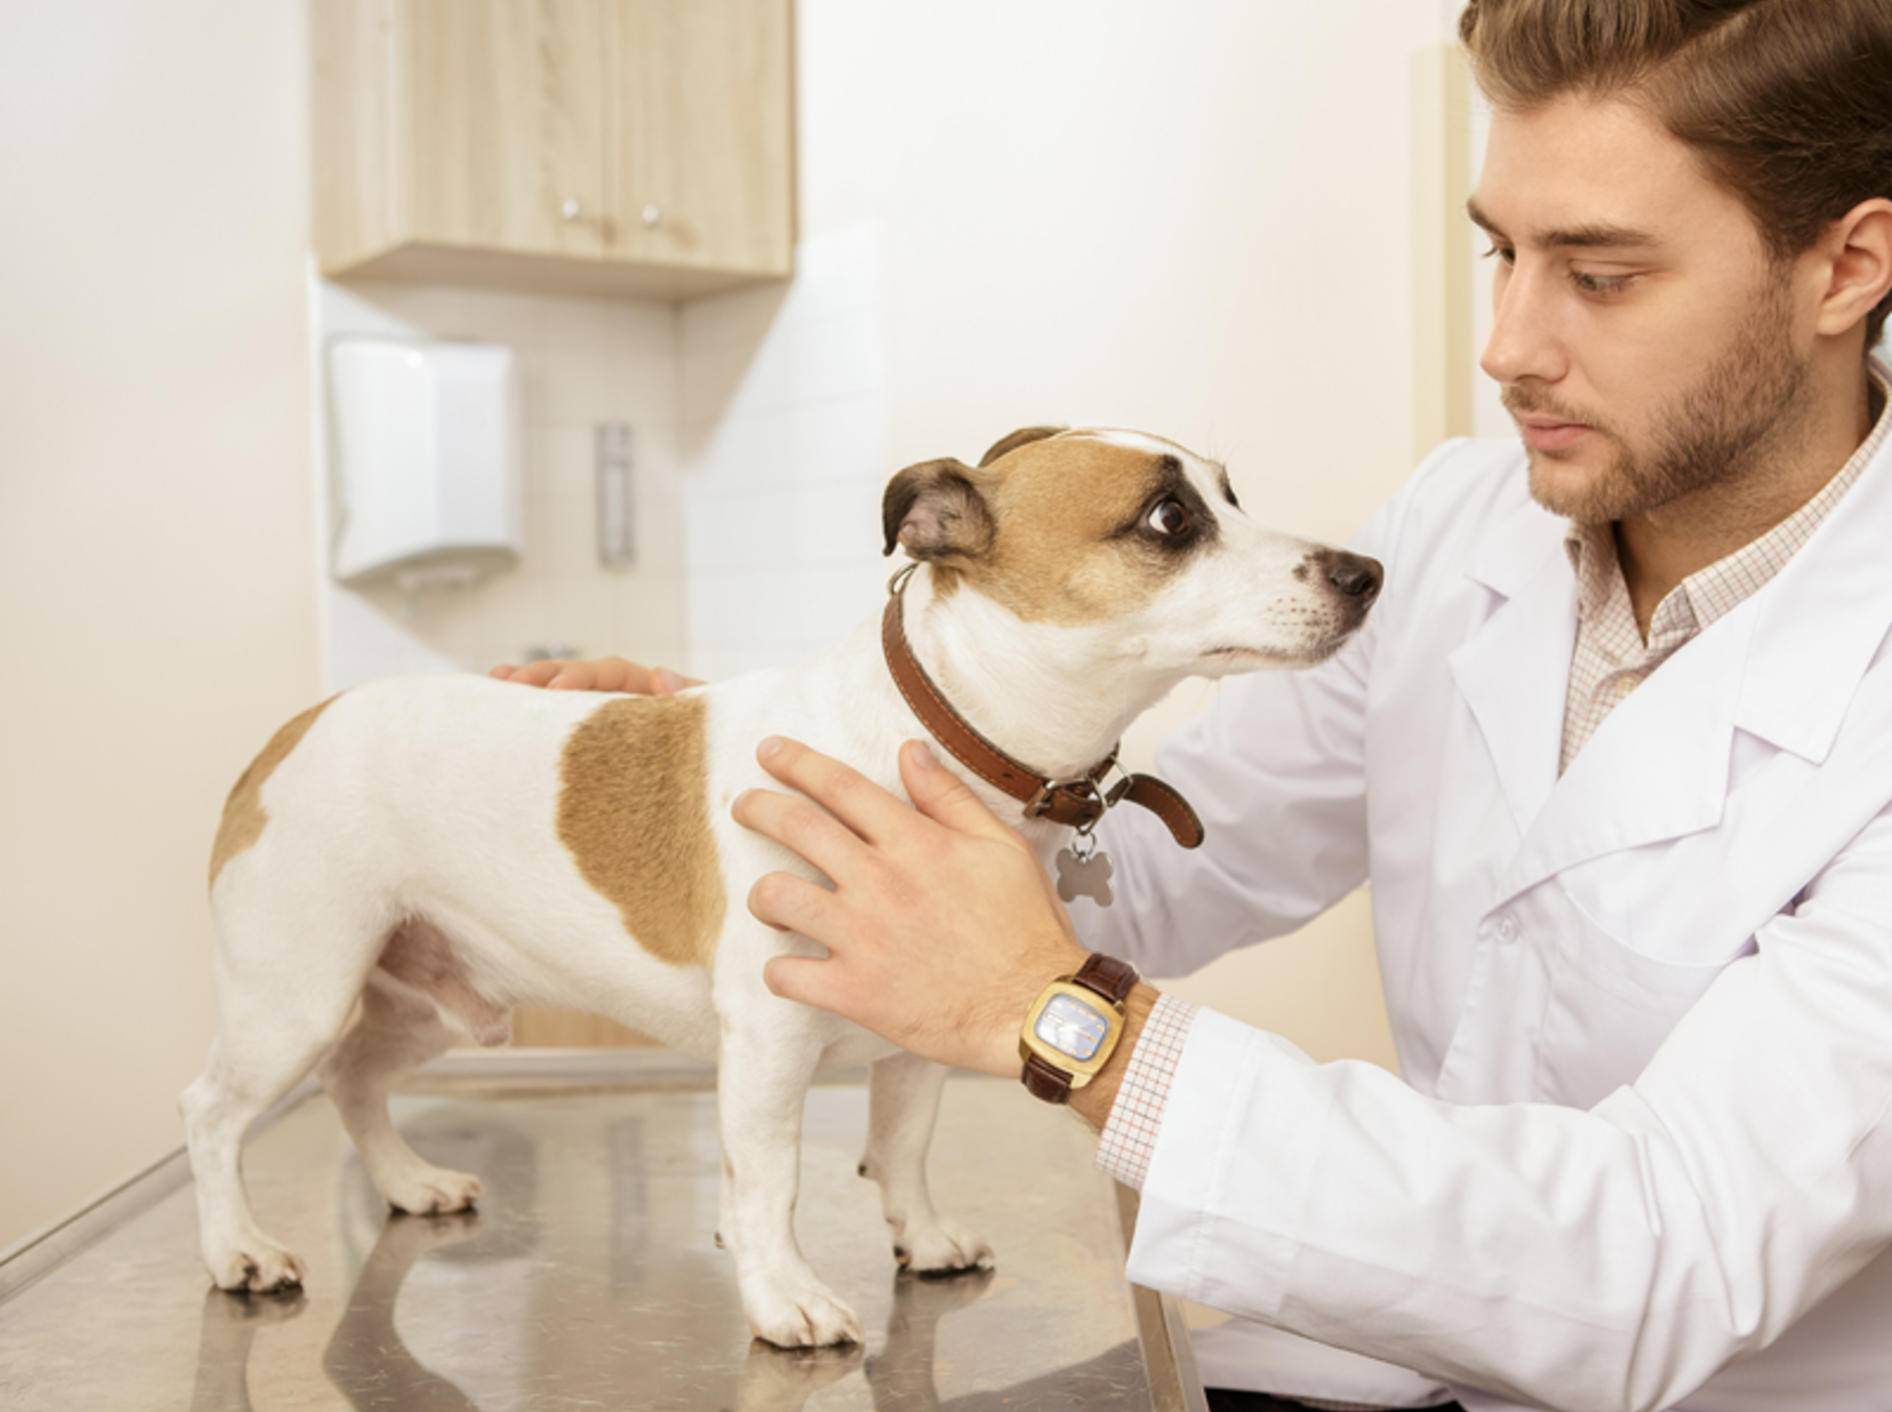 Nach einem Unfall oder Schlag auf den Kopf heißt es: Ab zum Tierarzt! Womöglich hat Ihr Hund eine Gehirnerschütterung – Shutterstock / Nestor Rizhniak